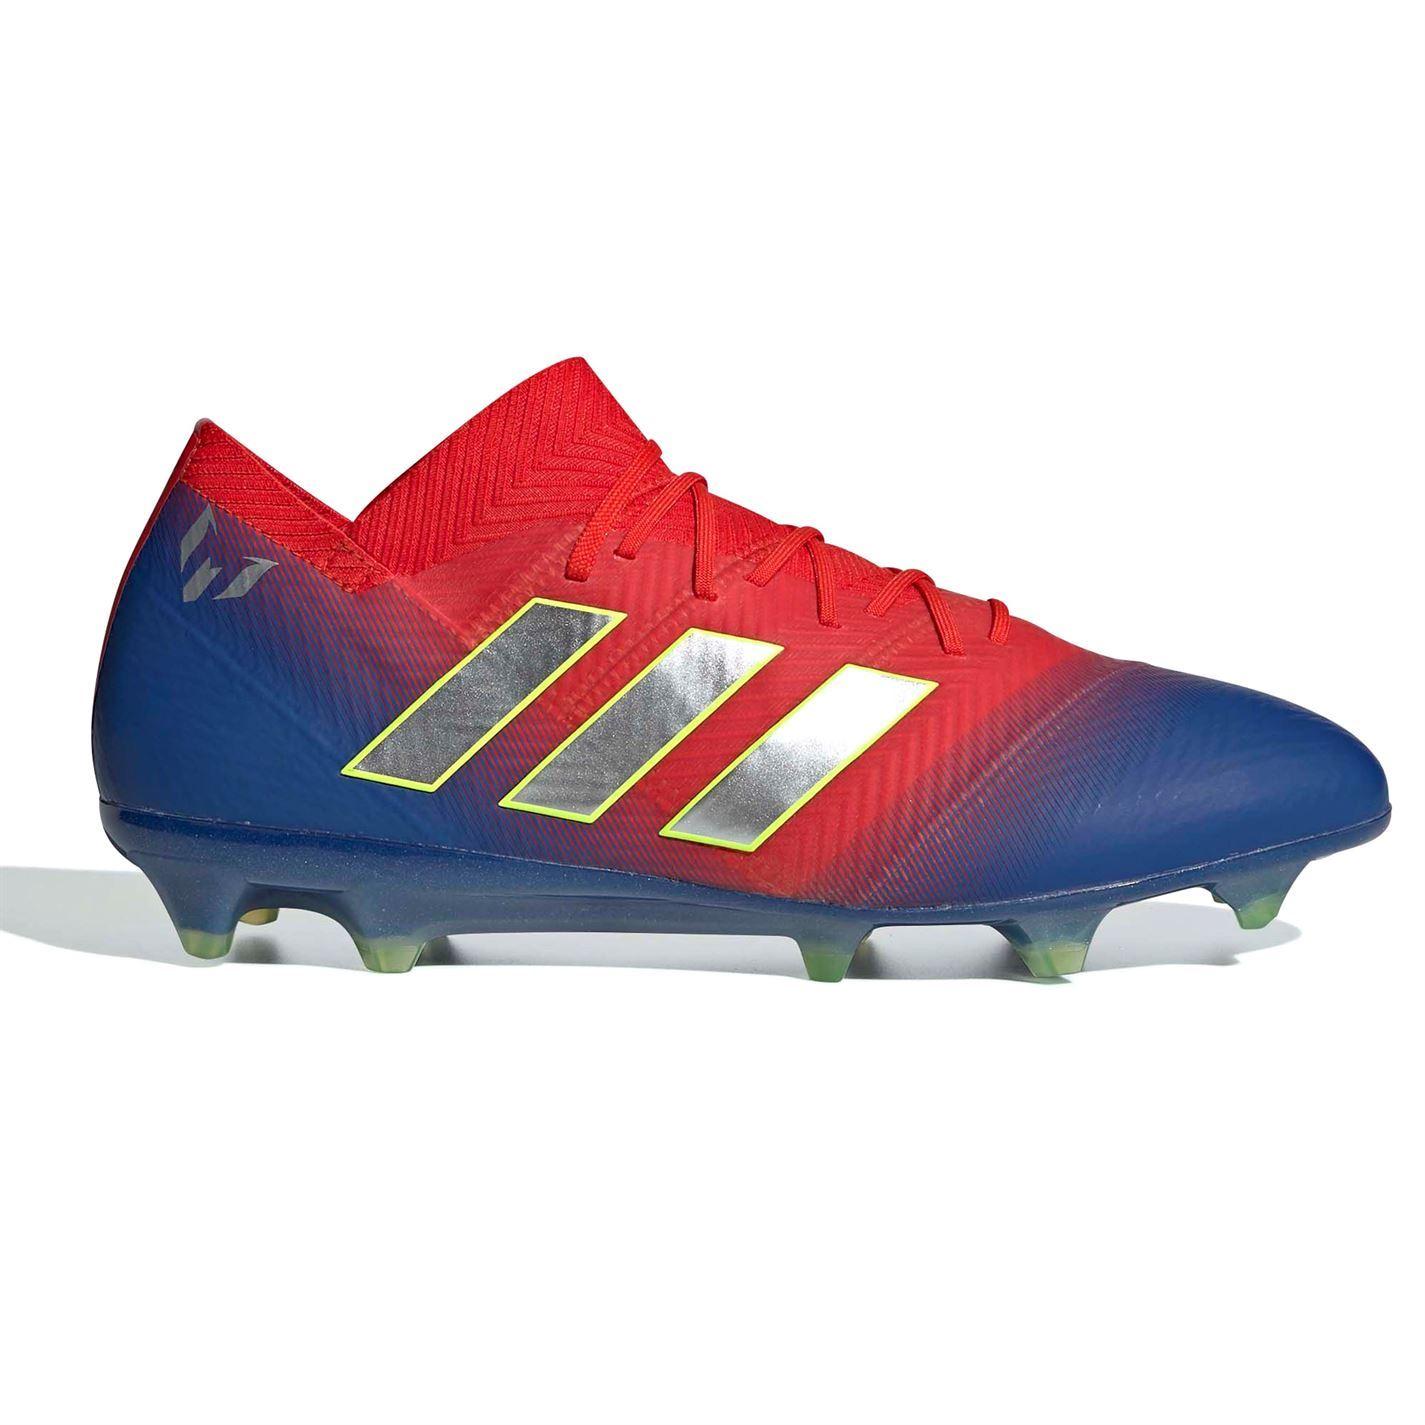 quality design d441f 2d8e0 adidas-Nemeziz-Messi-18-1-FG-Firm-Ground-